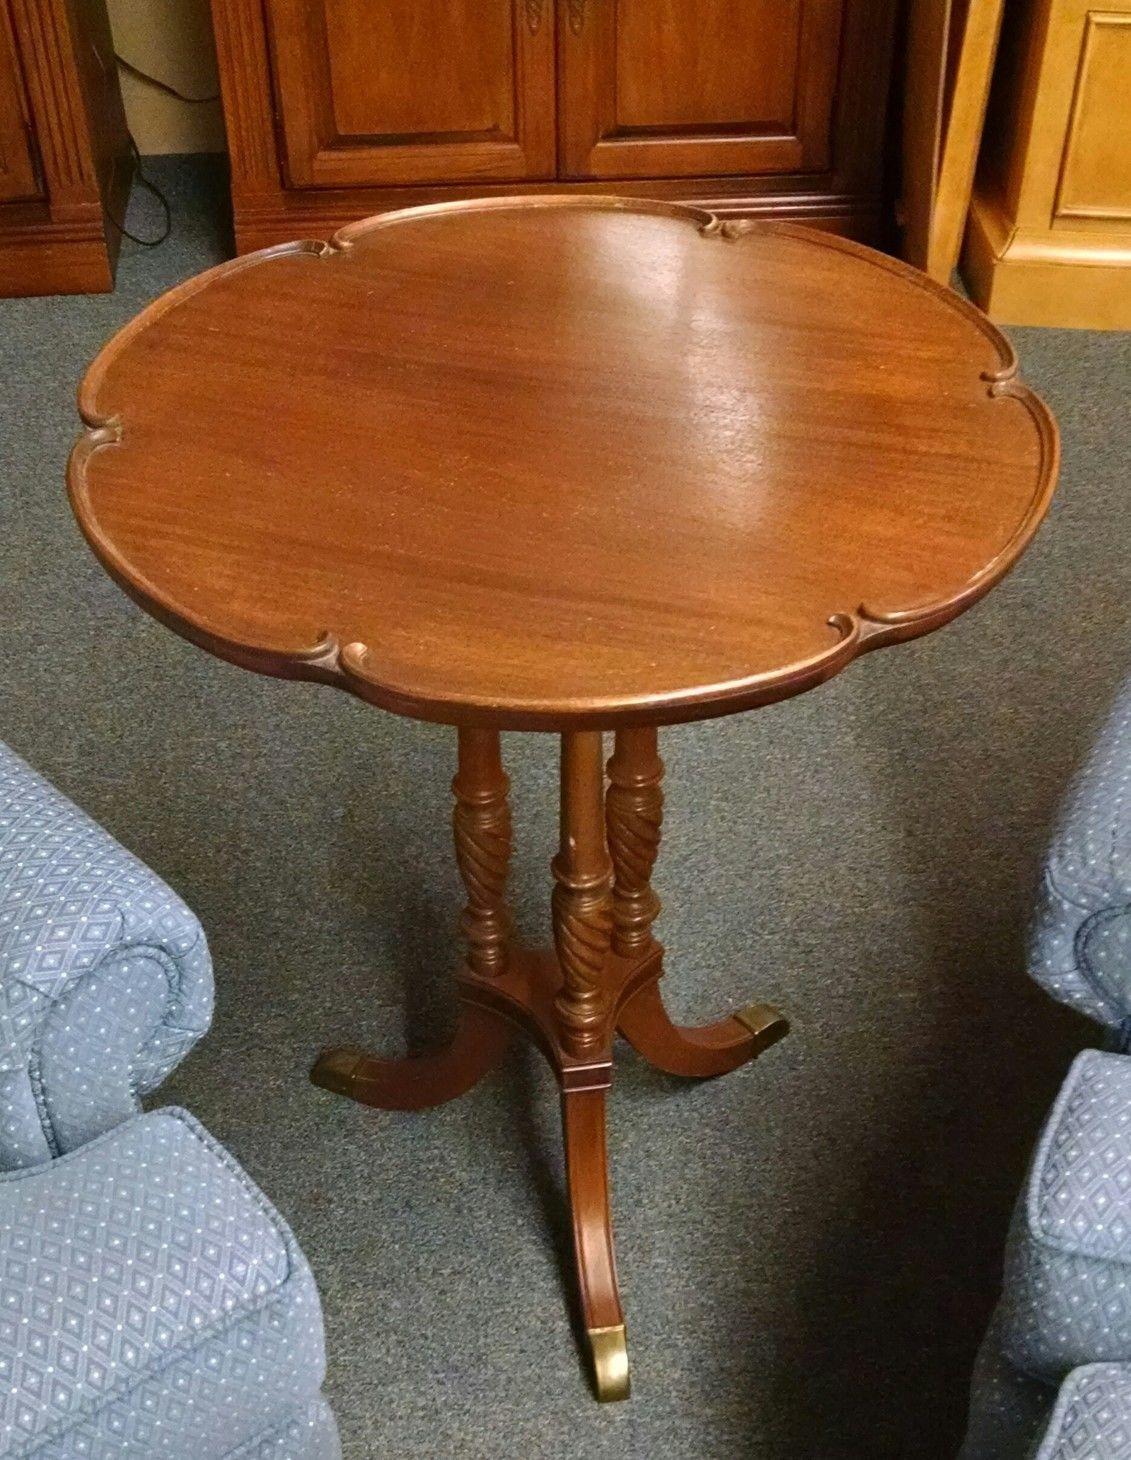 Duncan Phyfe Pie Crust Table Delmarva Furniture Consignment